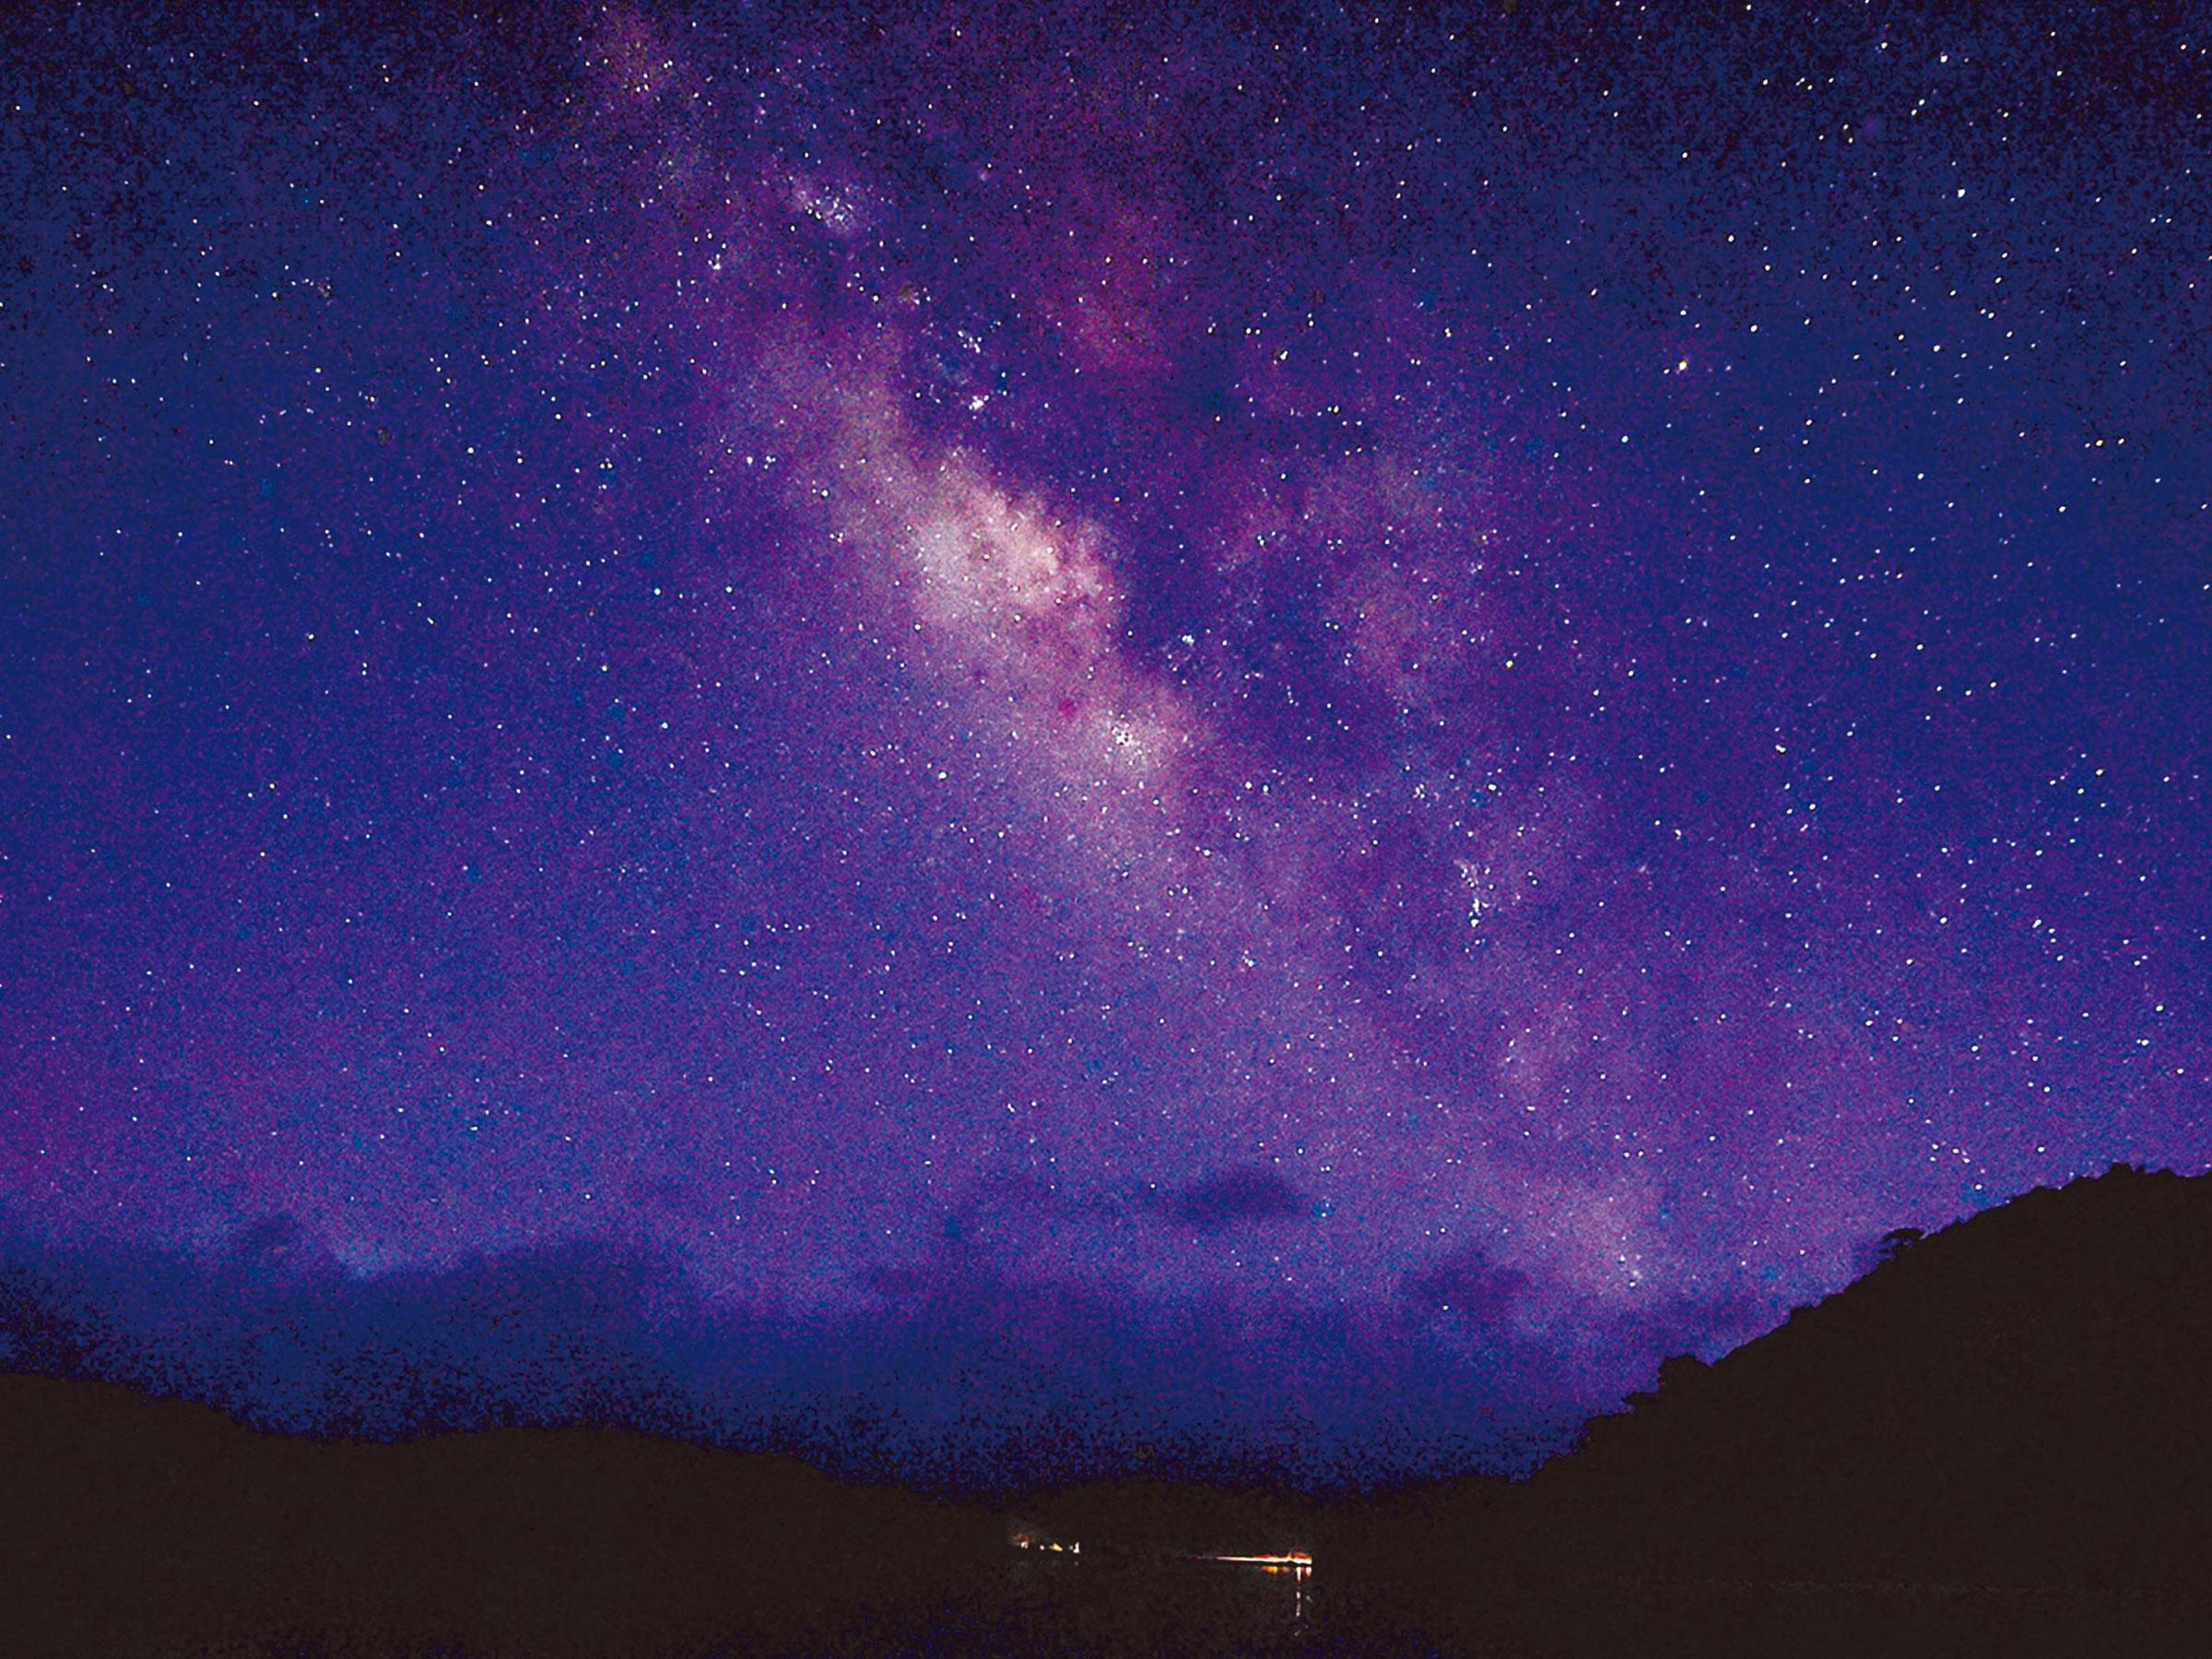 【日本の絶景】観光のプロに聞いた! 「星空観察」のベストスポット